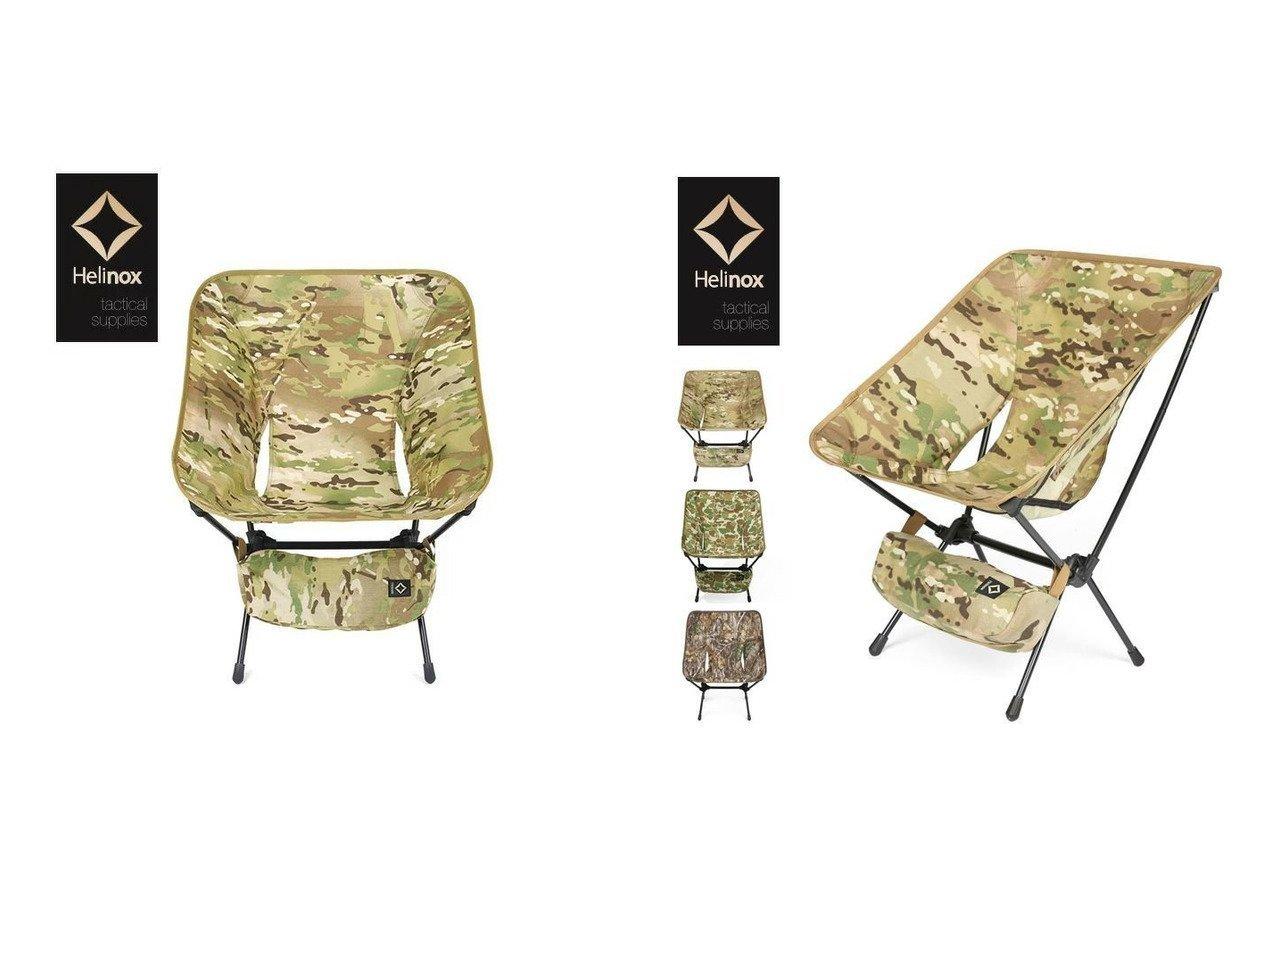 【Helinox/ヘリノックス】のTAC タクティカルチェア&Tactical Chair L タクティカルチェアL おすすめ!人気キャンプ・アウトドア用品の通販 おすすめで人気の流行・トレンド、ファッションの通販商品 メンズファッション・キッズファッション・インテリア・家具・レディースファッション・服の通販 founy(ファニー) https://founy.com/ フレーム シンプル ポケット ミリタリー リアル ホーム・キャンプ・アウトドア Home,Garden,Outdoor,Camping Gear キャンプ用品・アウトドア  Camping Gear & Outdoor Supplies チェア テーブル Camp Chairs, Camping Tables |ID:crp329100000035808